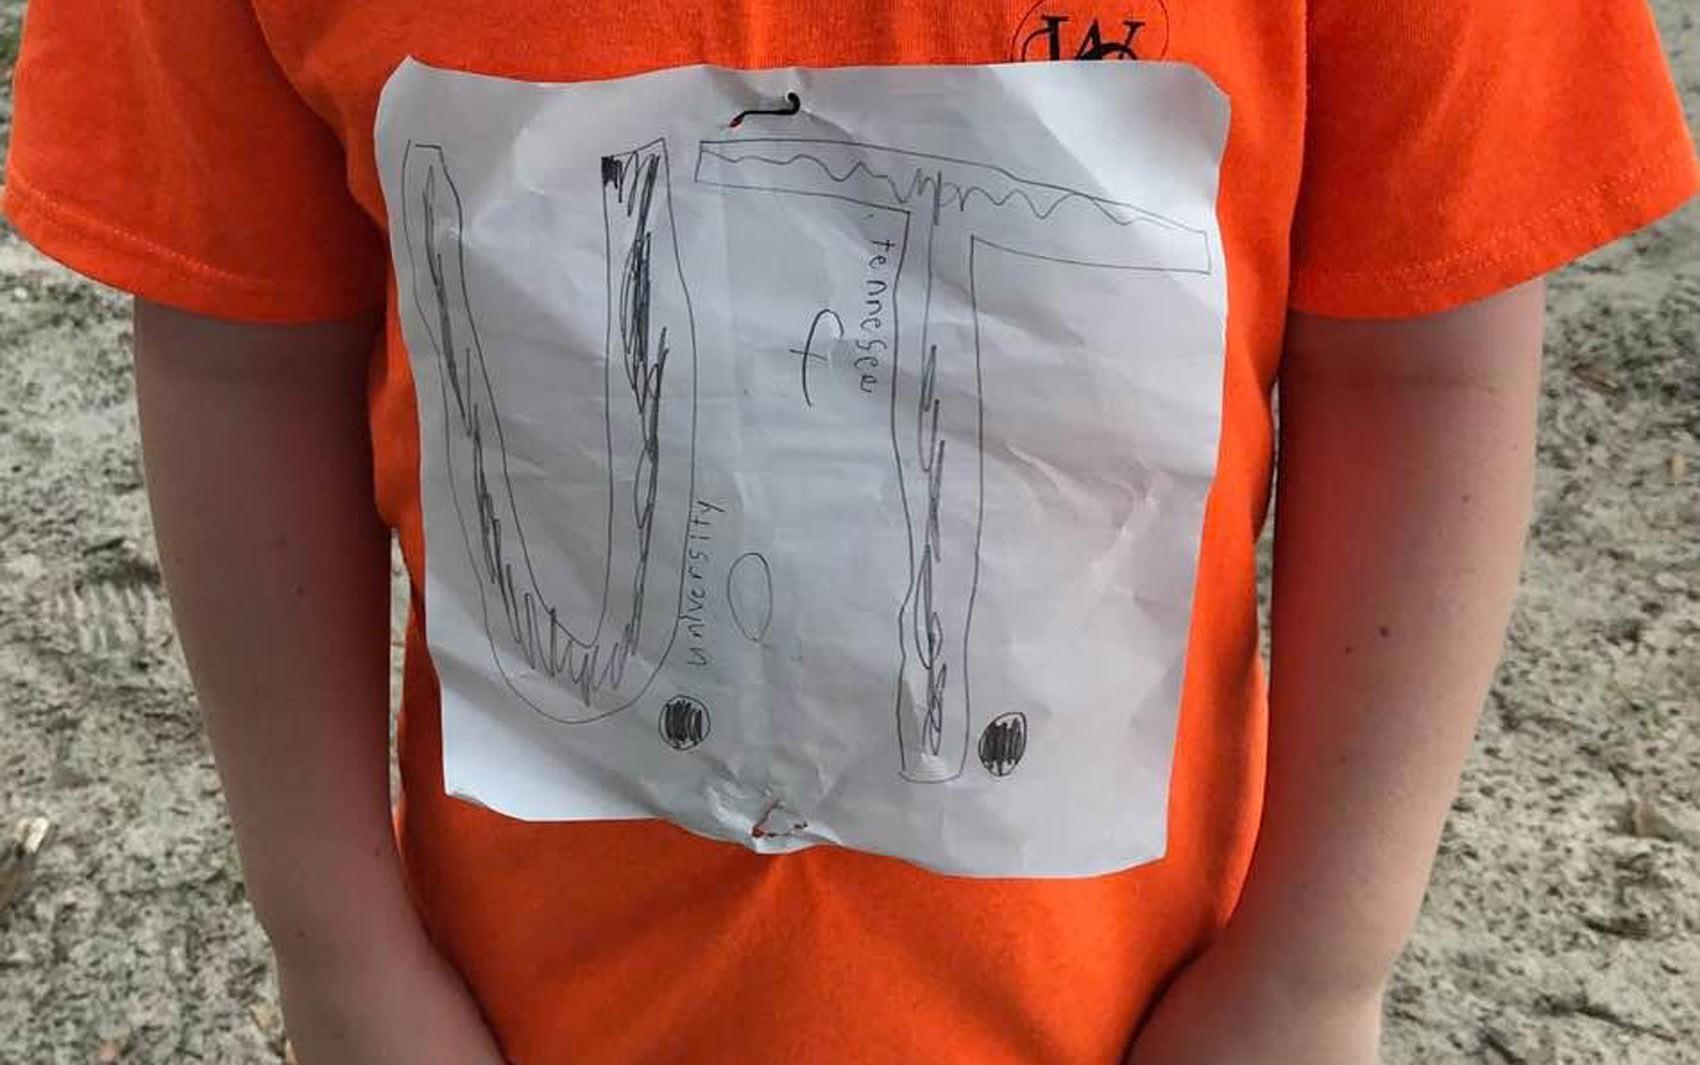 Menino que sofreu bullying por camiseta improvisada de universidade nos EUA ganha bolsa de estudos